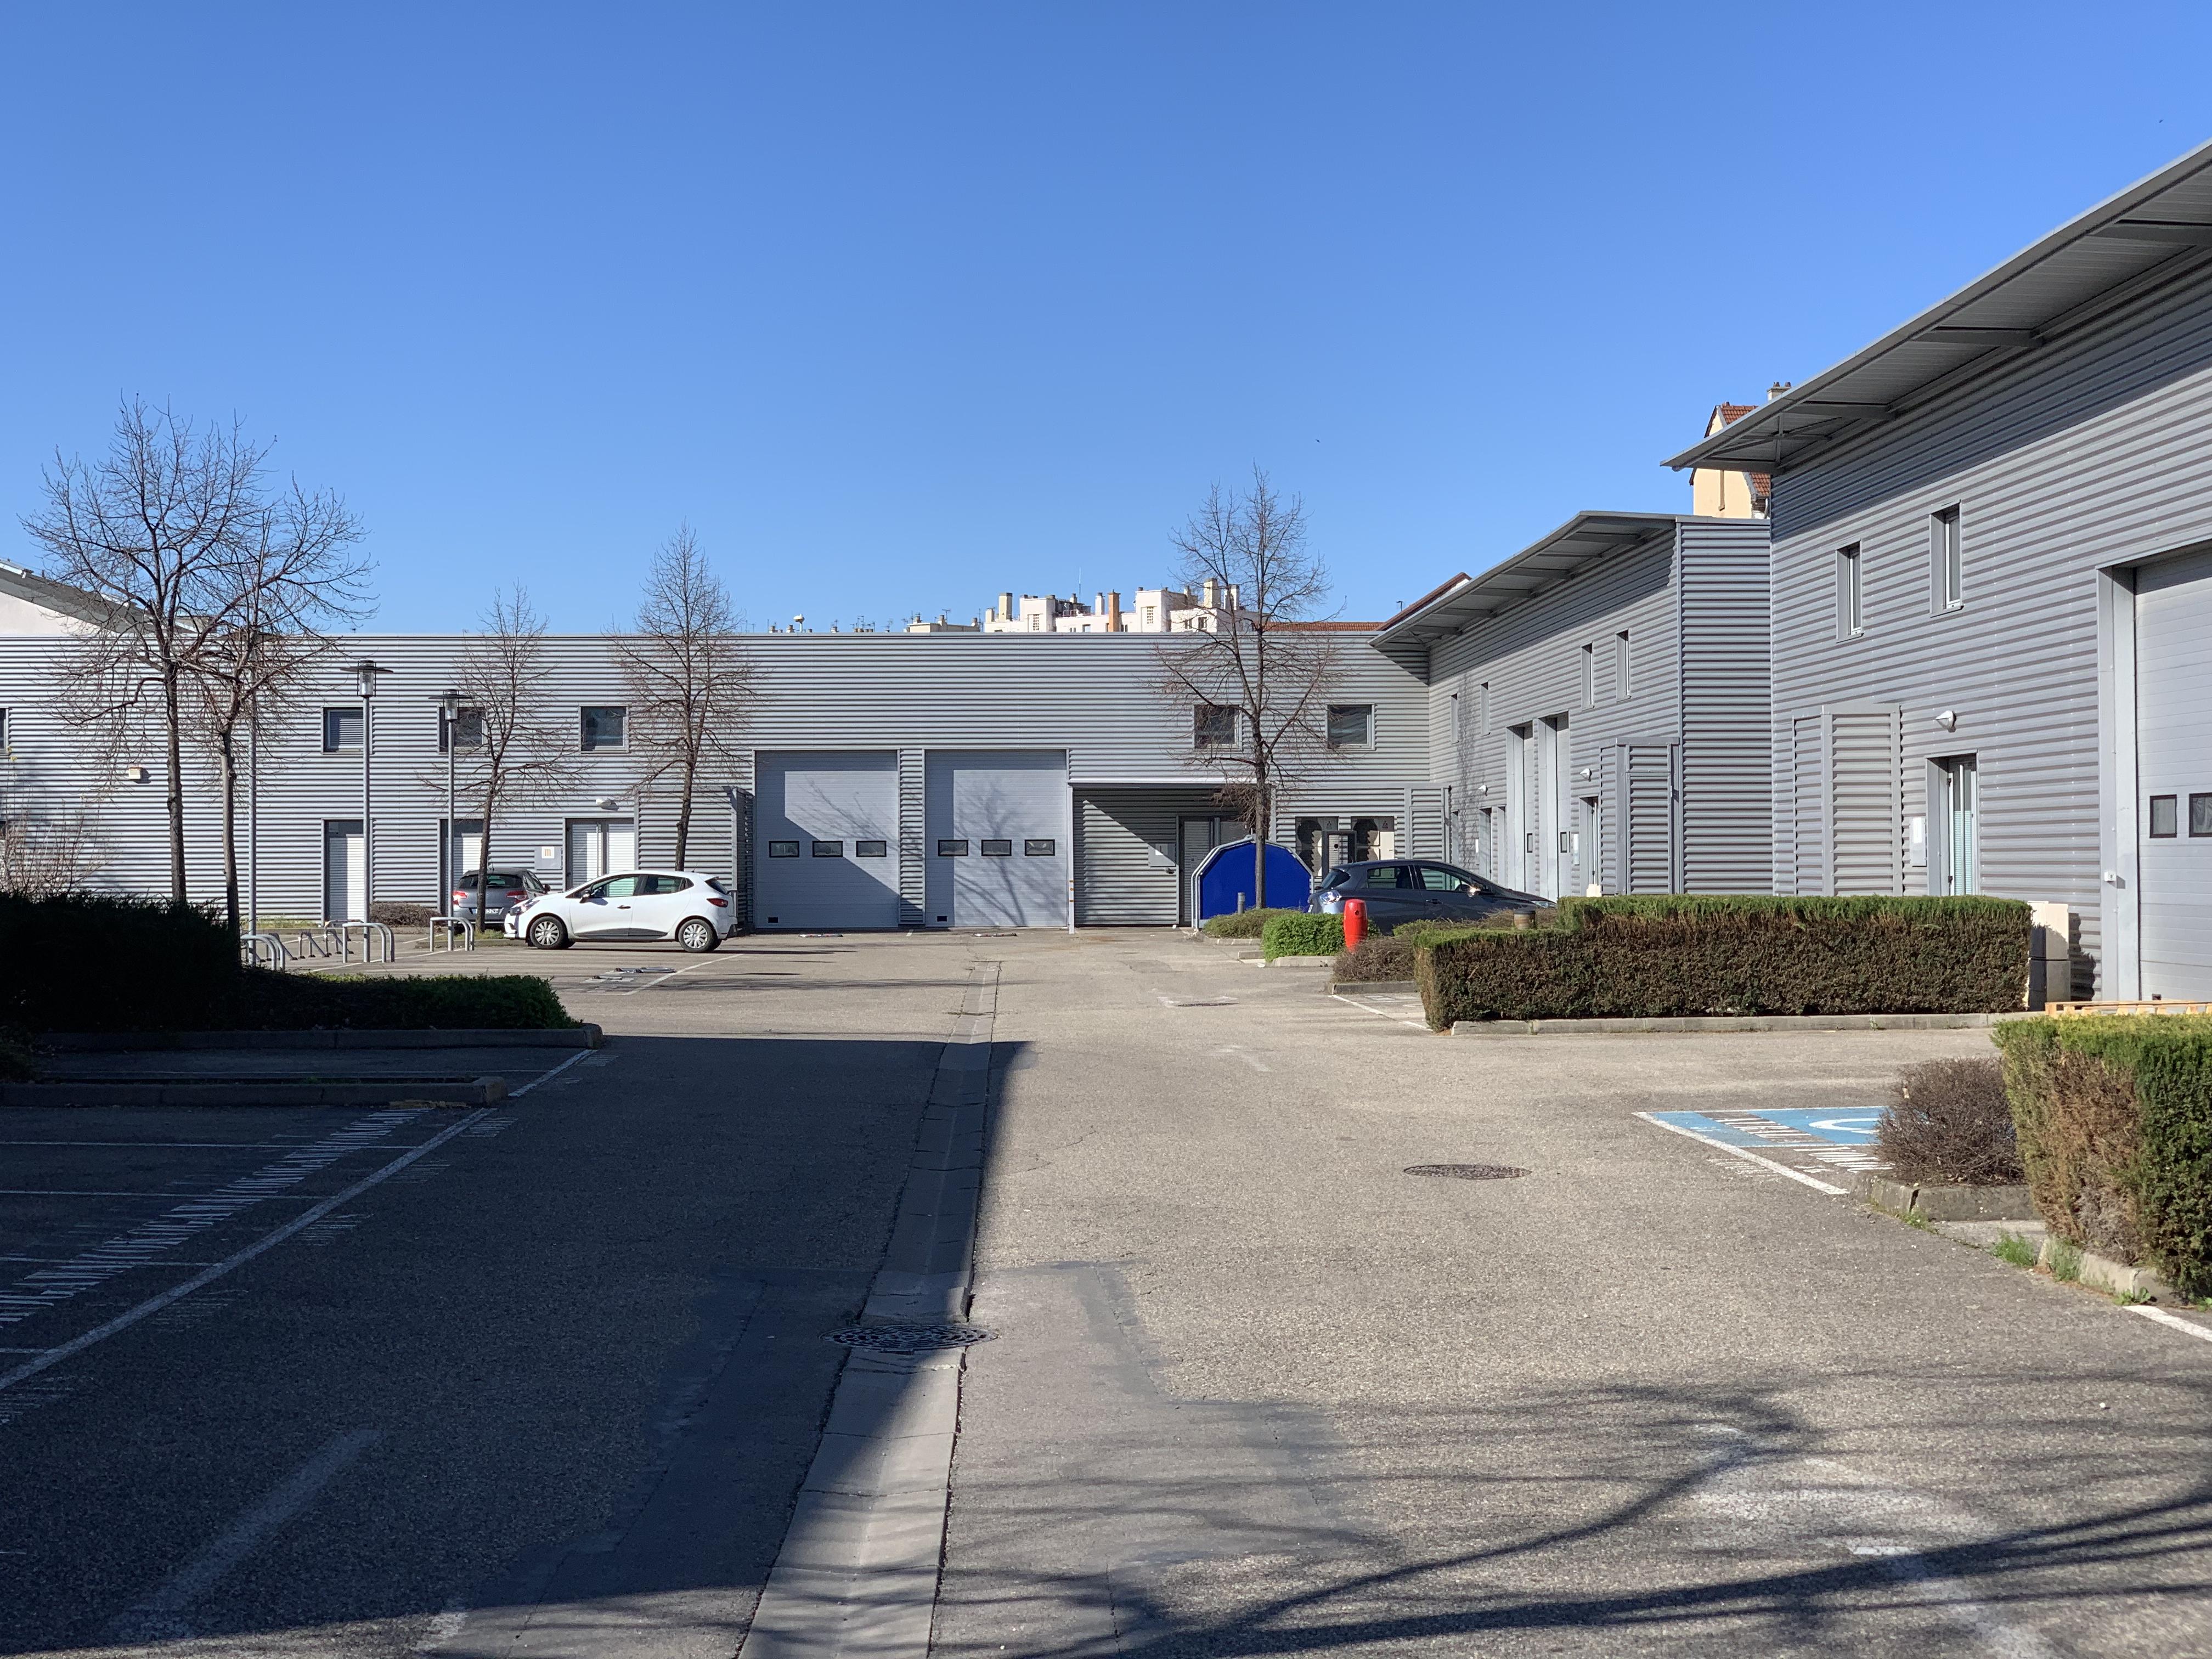 Entreprise D Architecture Lyon file:cour d'entreprises (parking) rue paul duvivier (lyon